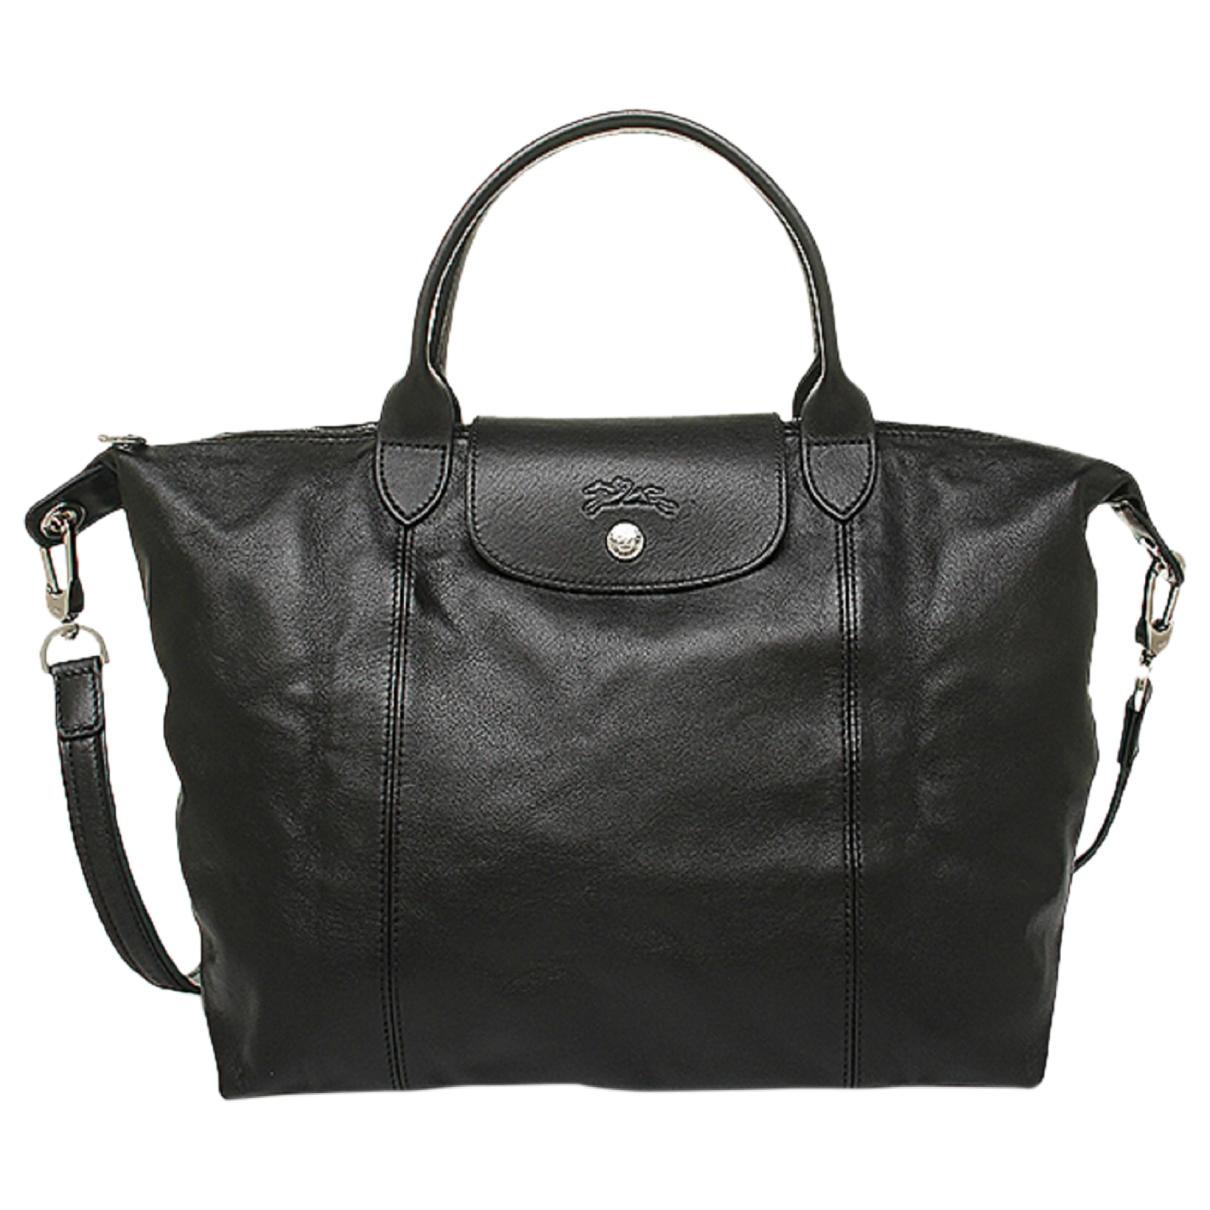 Longchamp - Sac a main Pliage  pour femme en cuir - noir